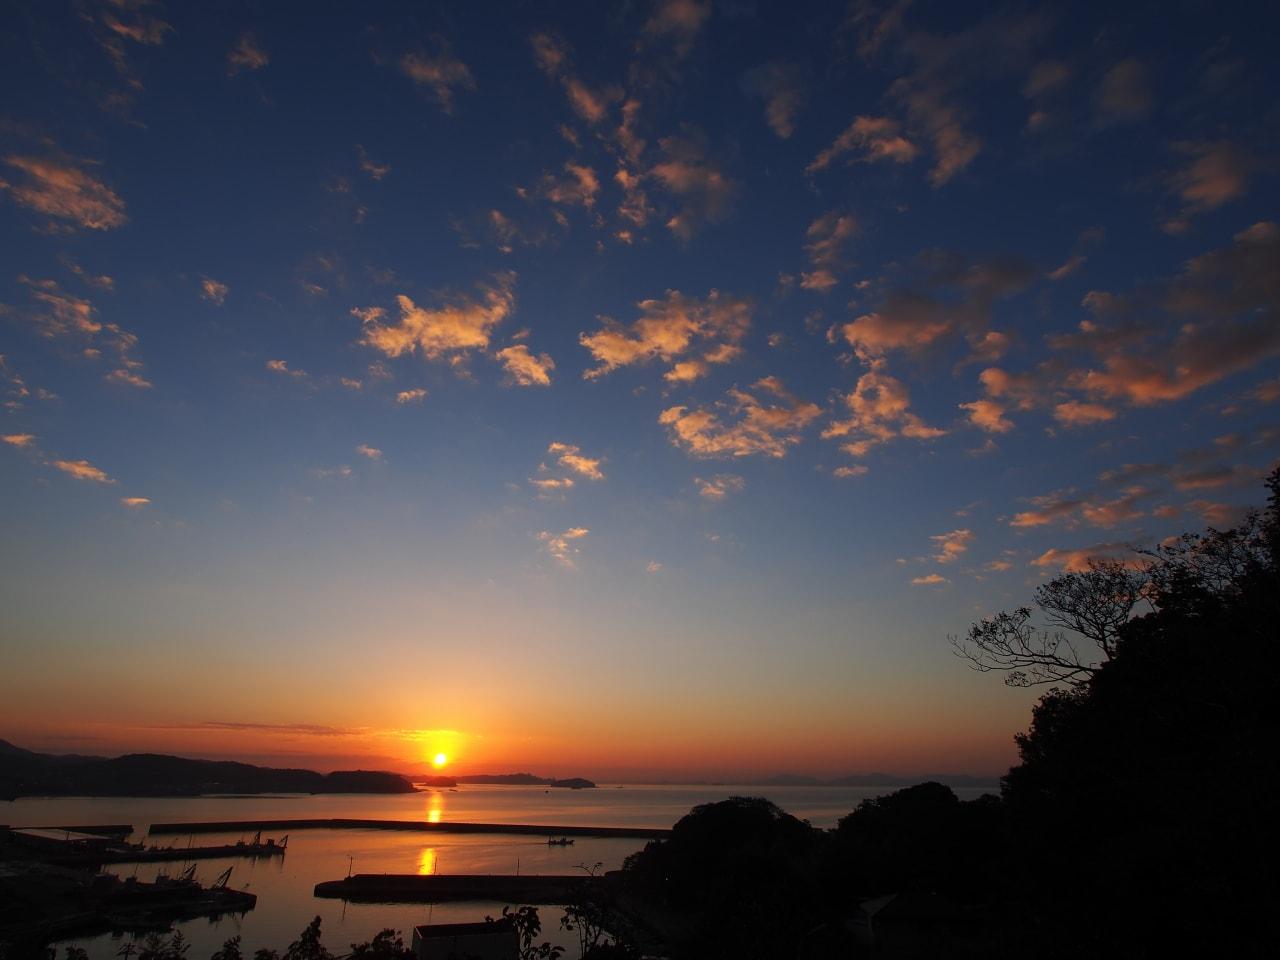 高台からの朝景の画像